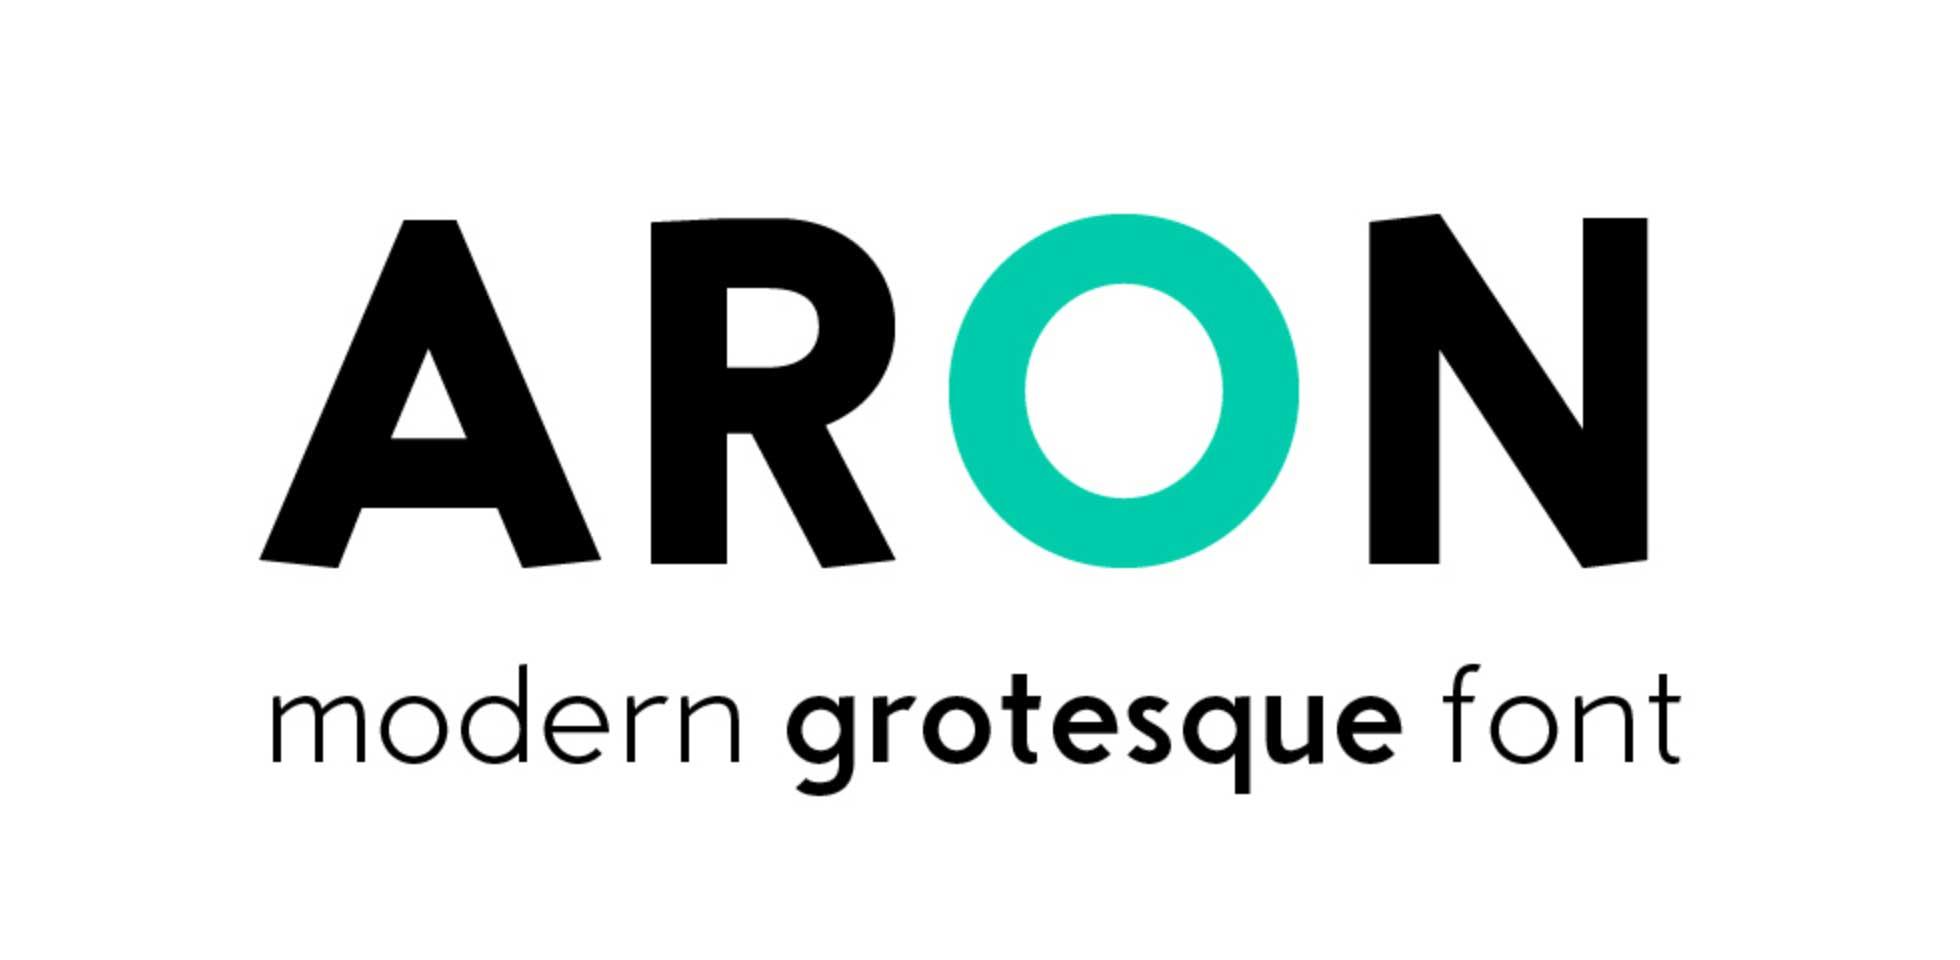 Free Download: Aron Grotesque